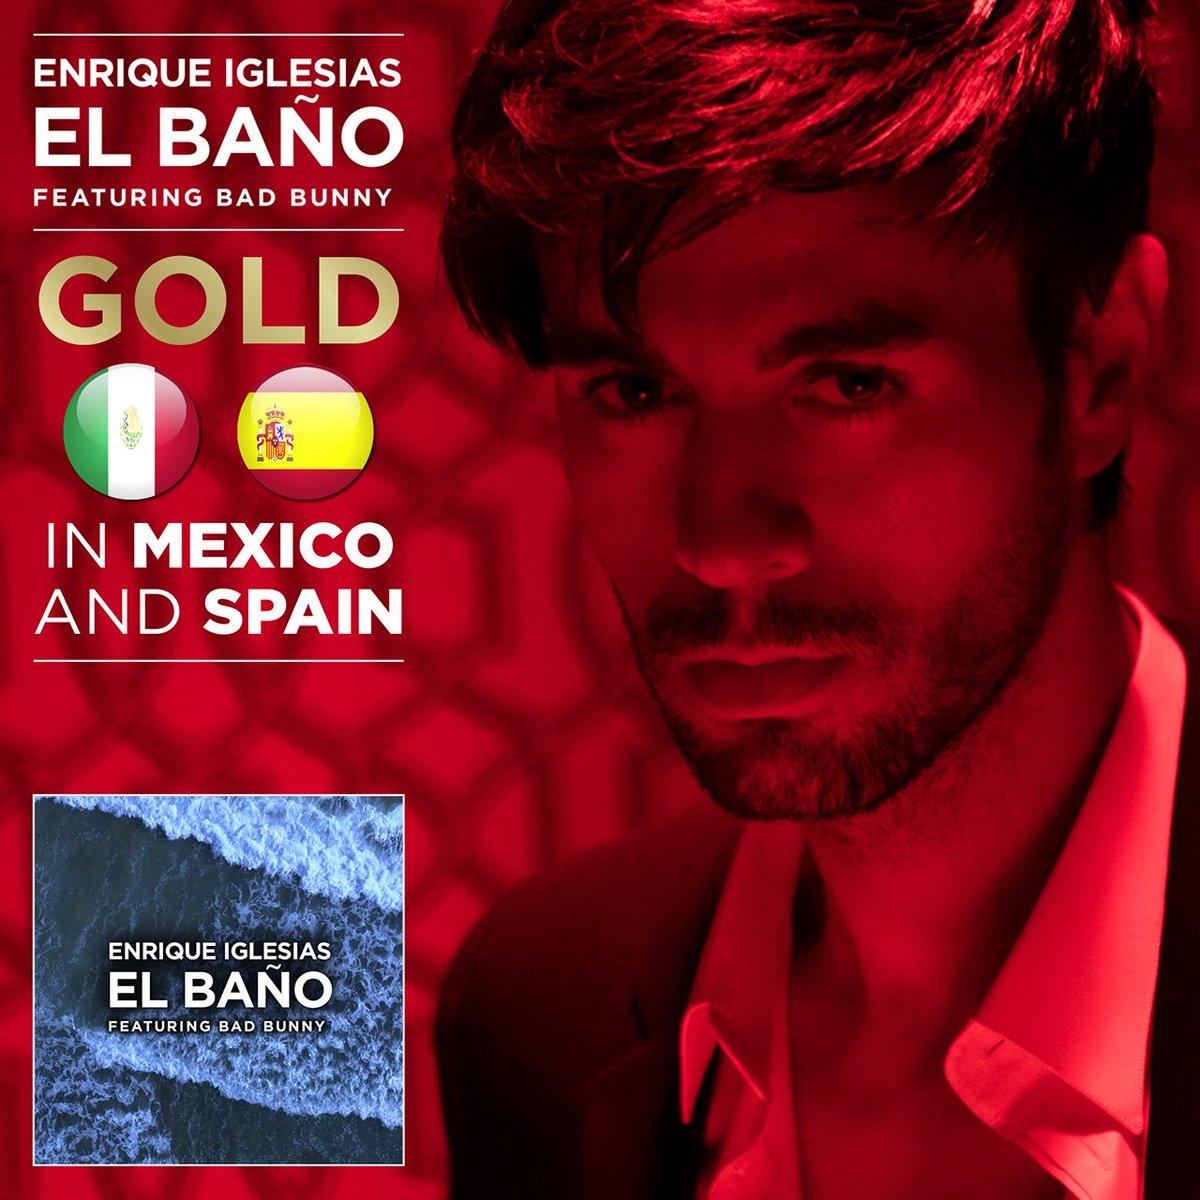 ¡#ElBaño de @enriqueiglesias ft. @badbun...